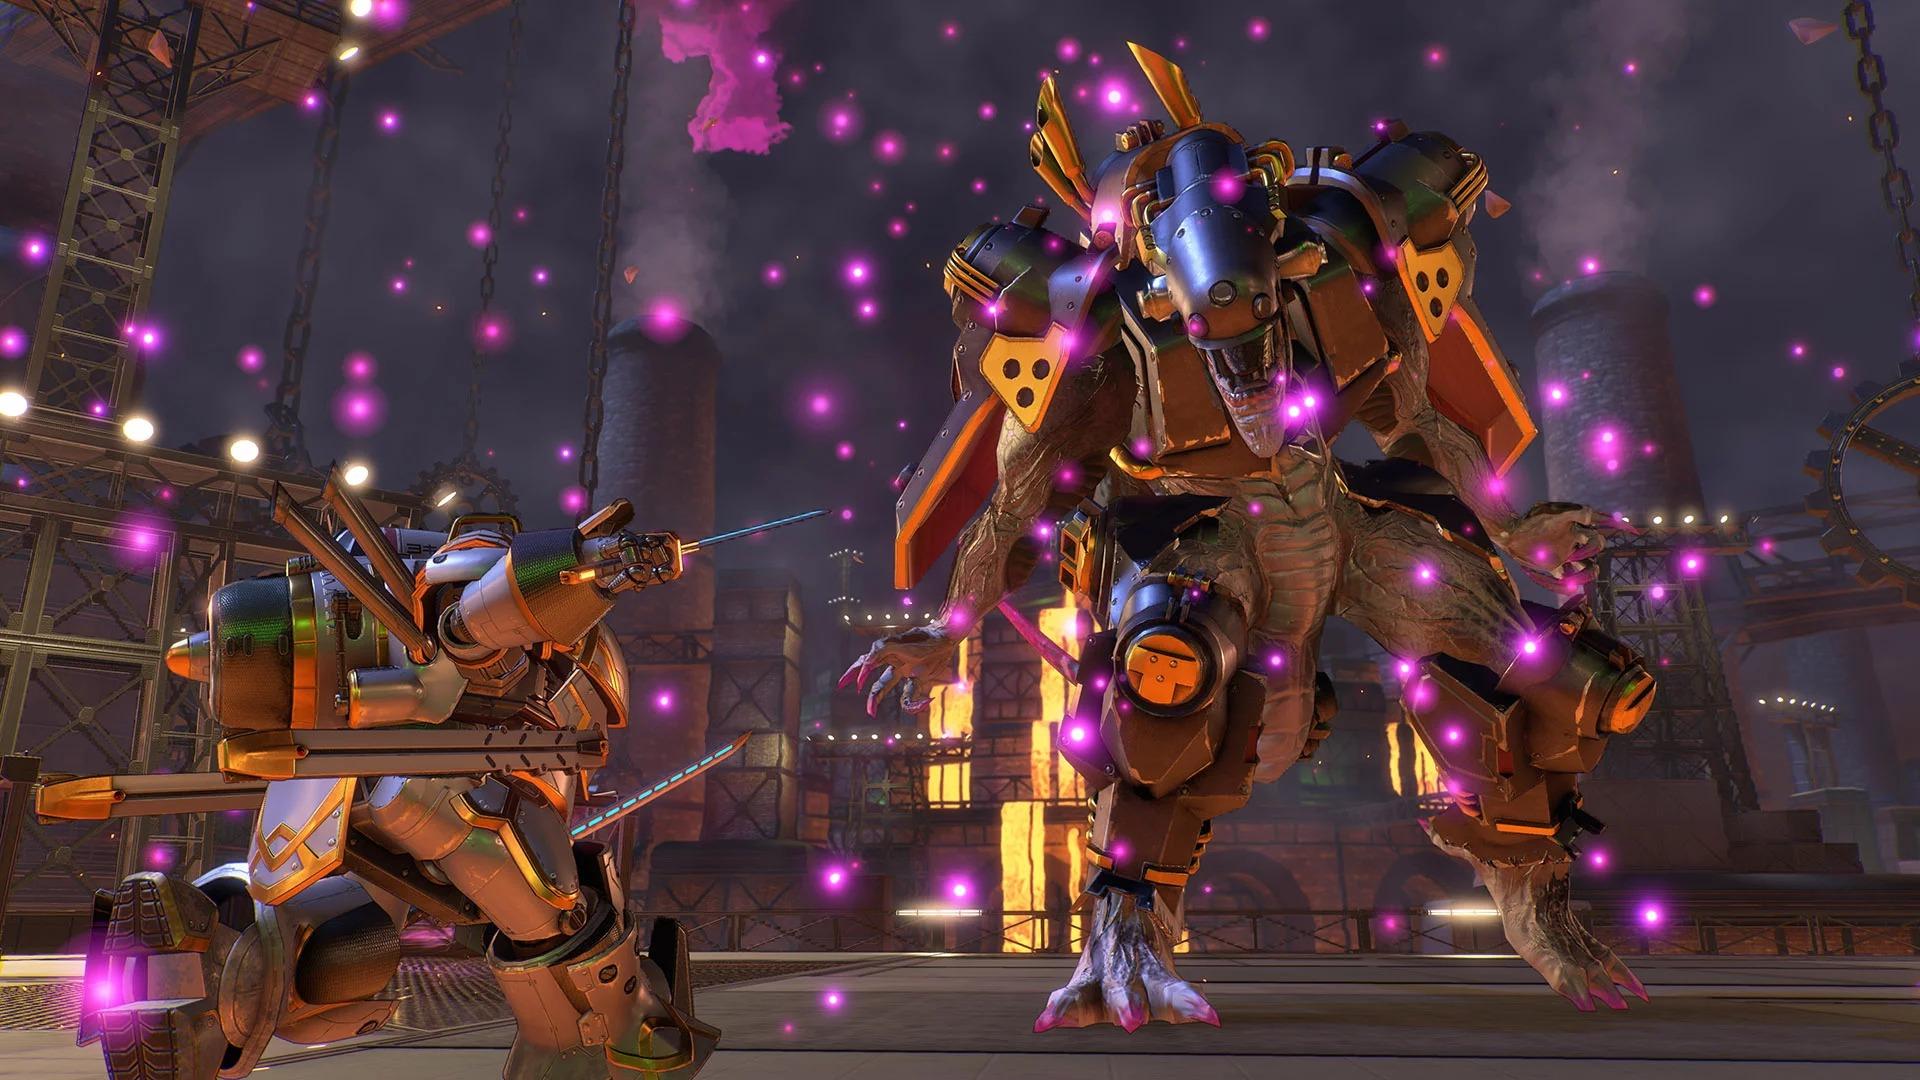 世嘉公布《新樱花大战》PS4新截图展示反派角色